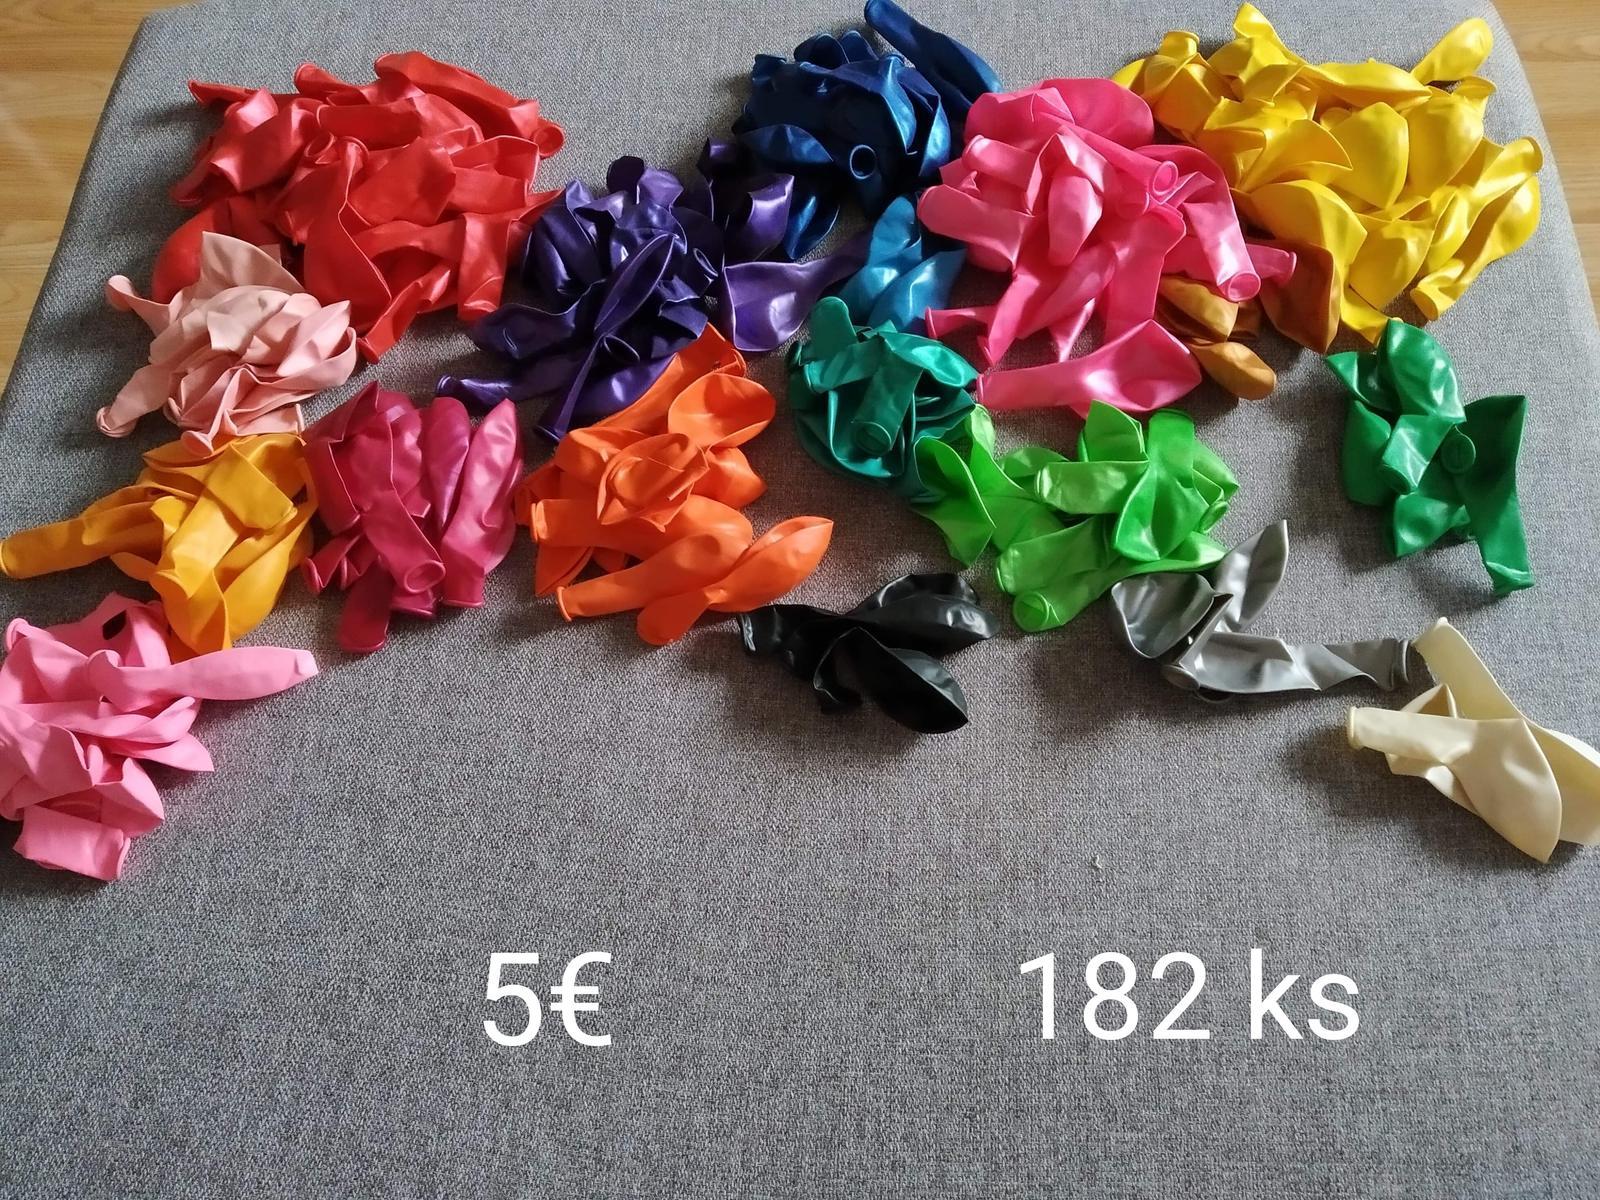 Farebné balóny - Obrázok č. 1